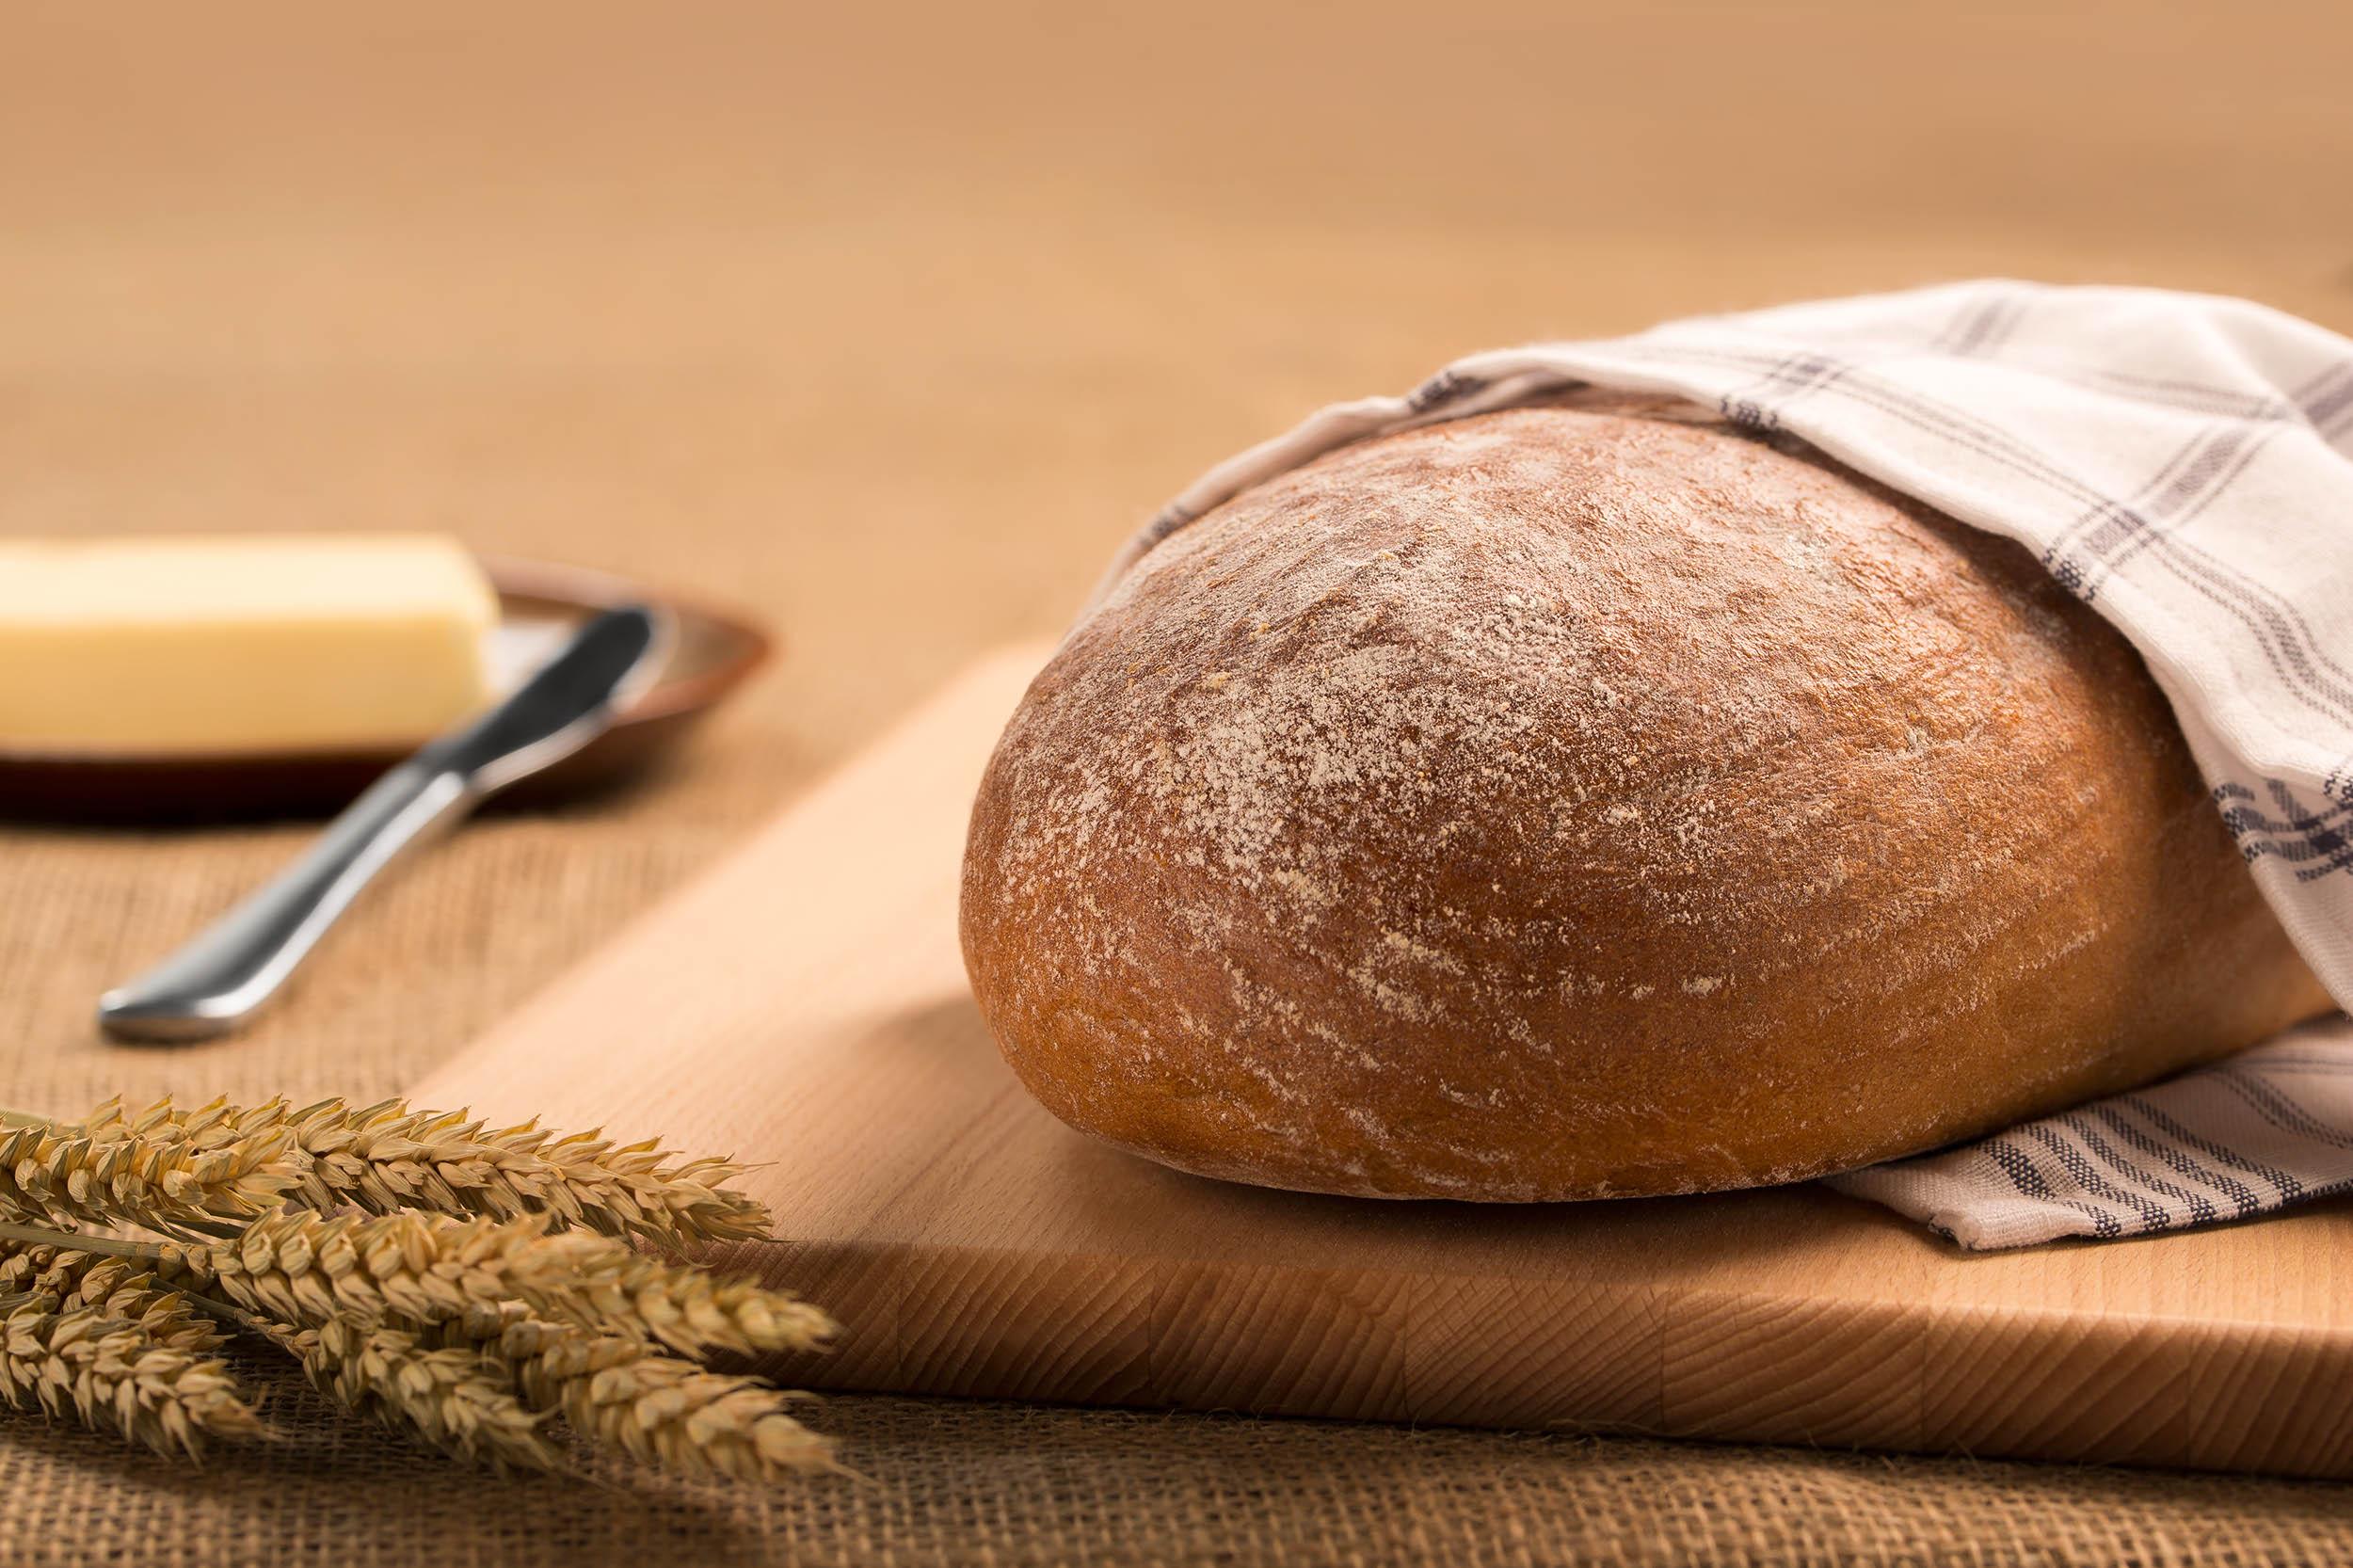 Krumlovský chléb, kváskový chléb, pekárna, tradiční výrobce